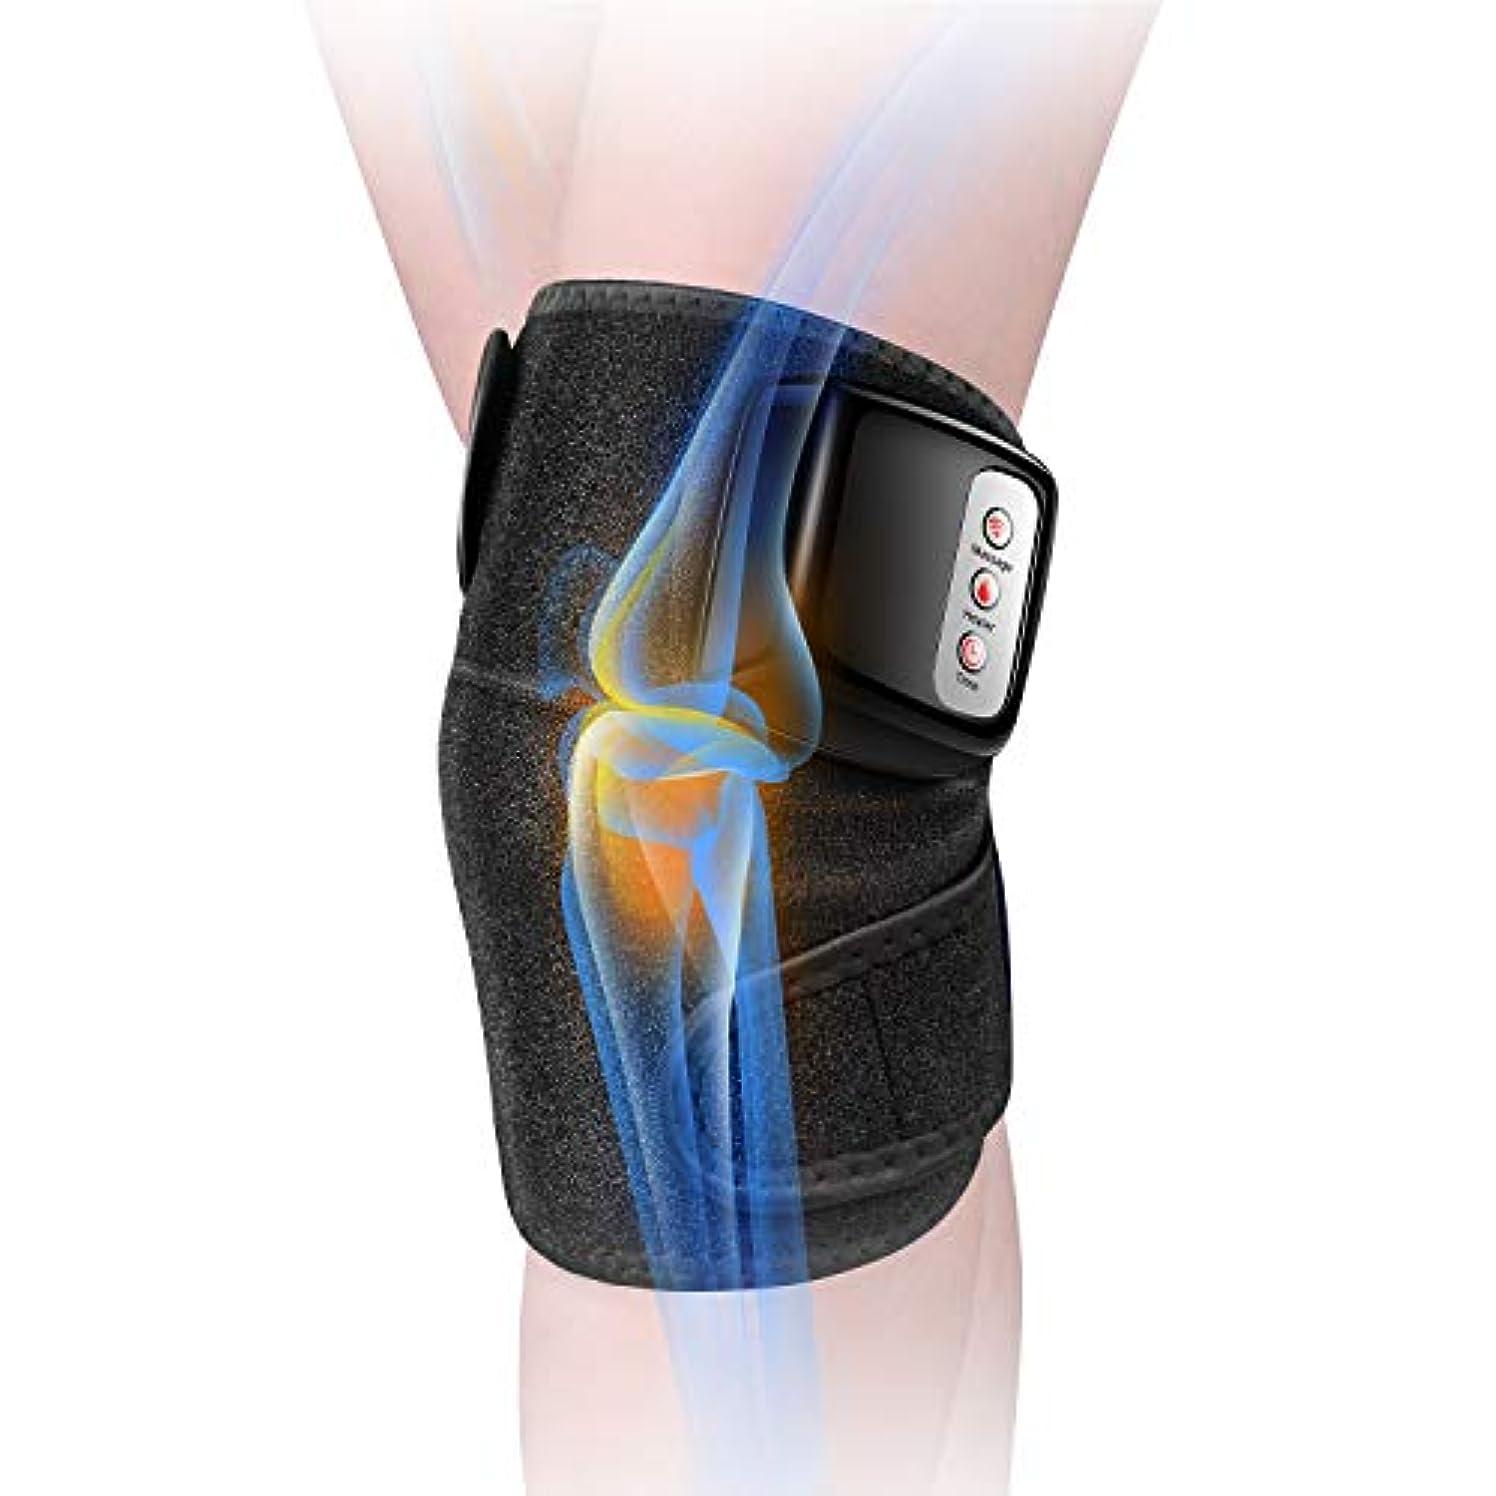 疼痛ストライク関与する膝マッサージャー 関節マッサージャー マッサージ器 フットマッサージャー 振動 赤外線療法 温熱療法 膝サポーター ストレス解消 肩 太もも/腕対応